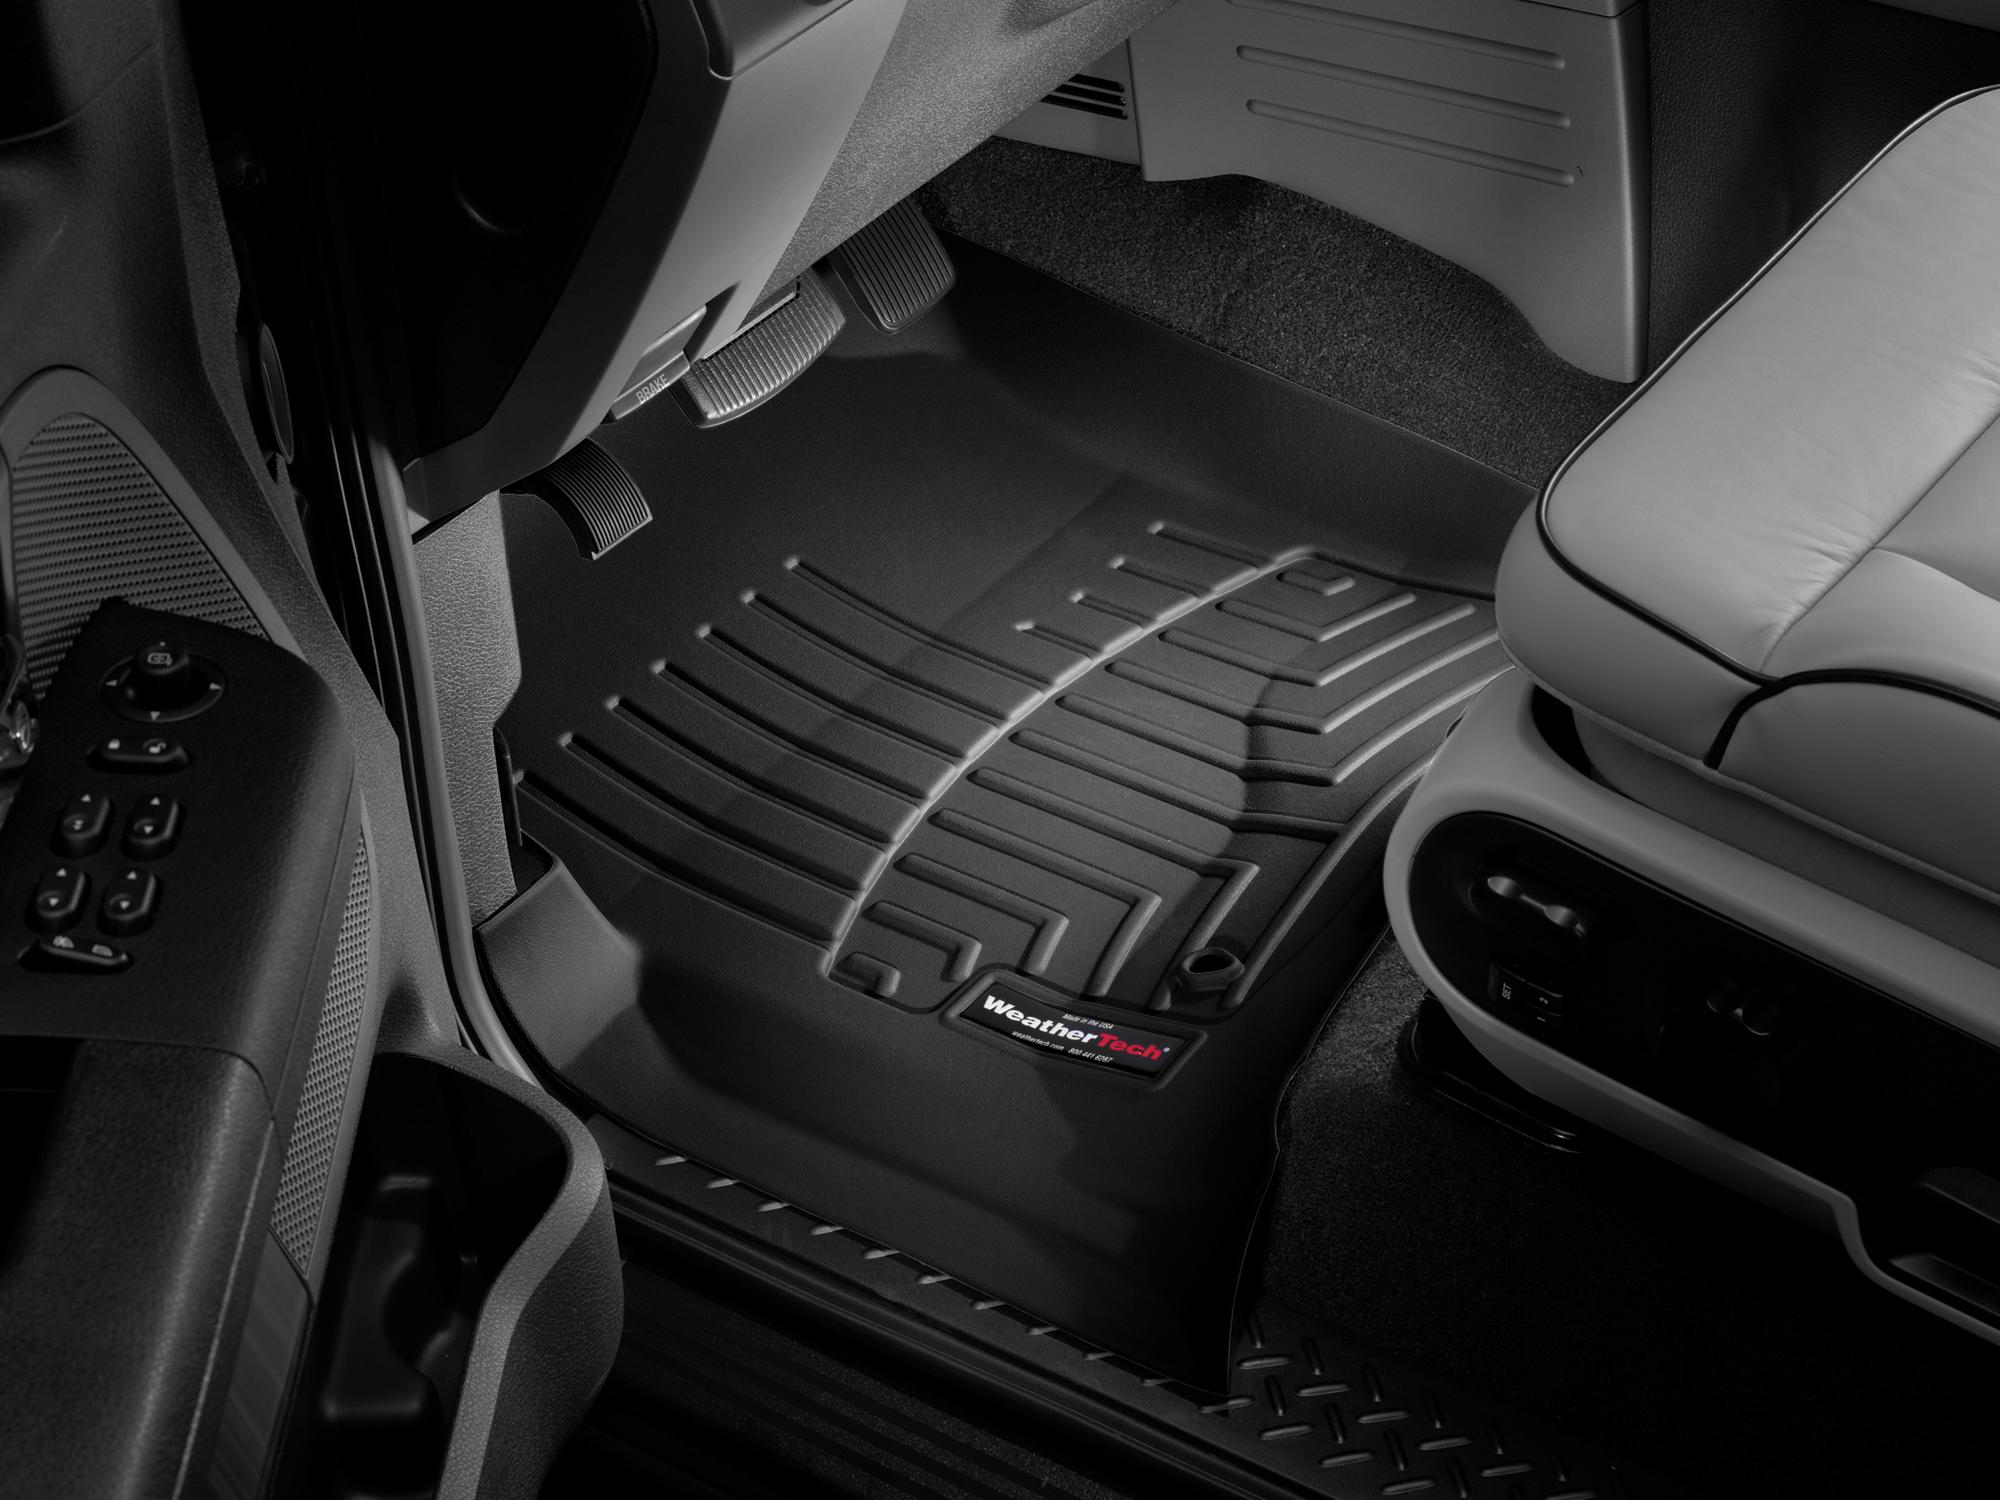 Tappeti gomma su misura bordo alto Ford F-150 05>08 Nero A891*